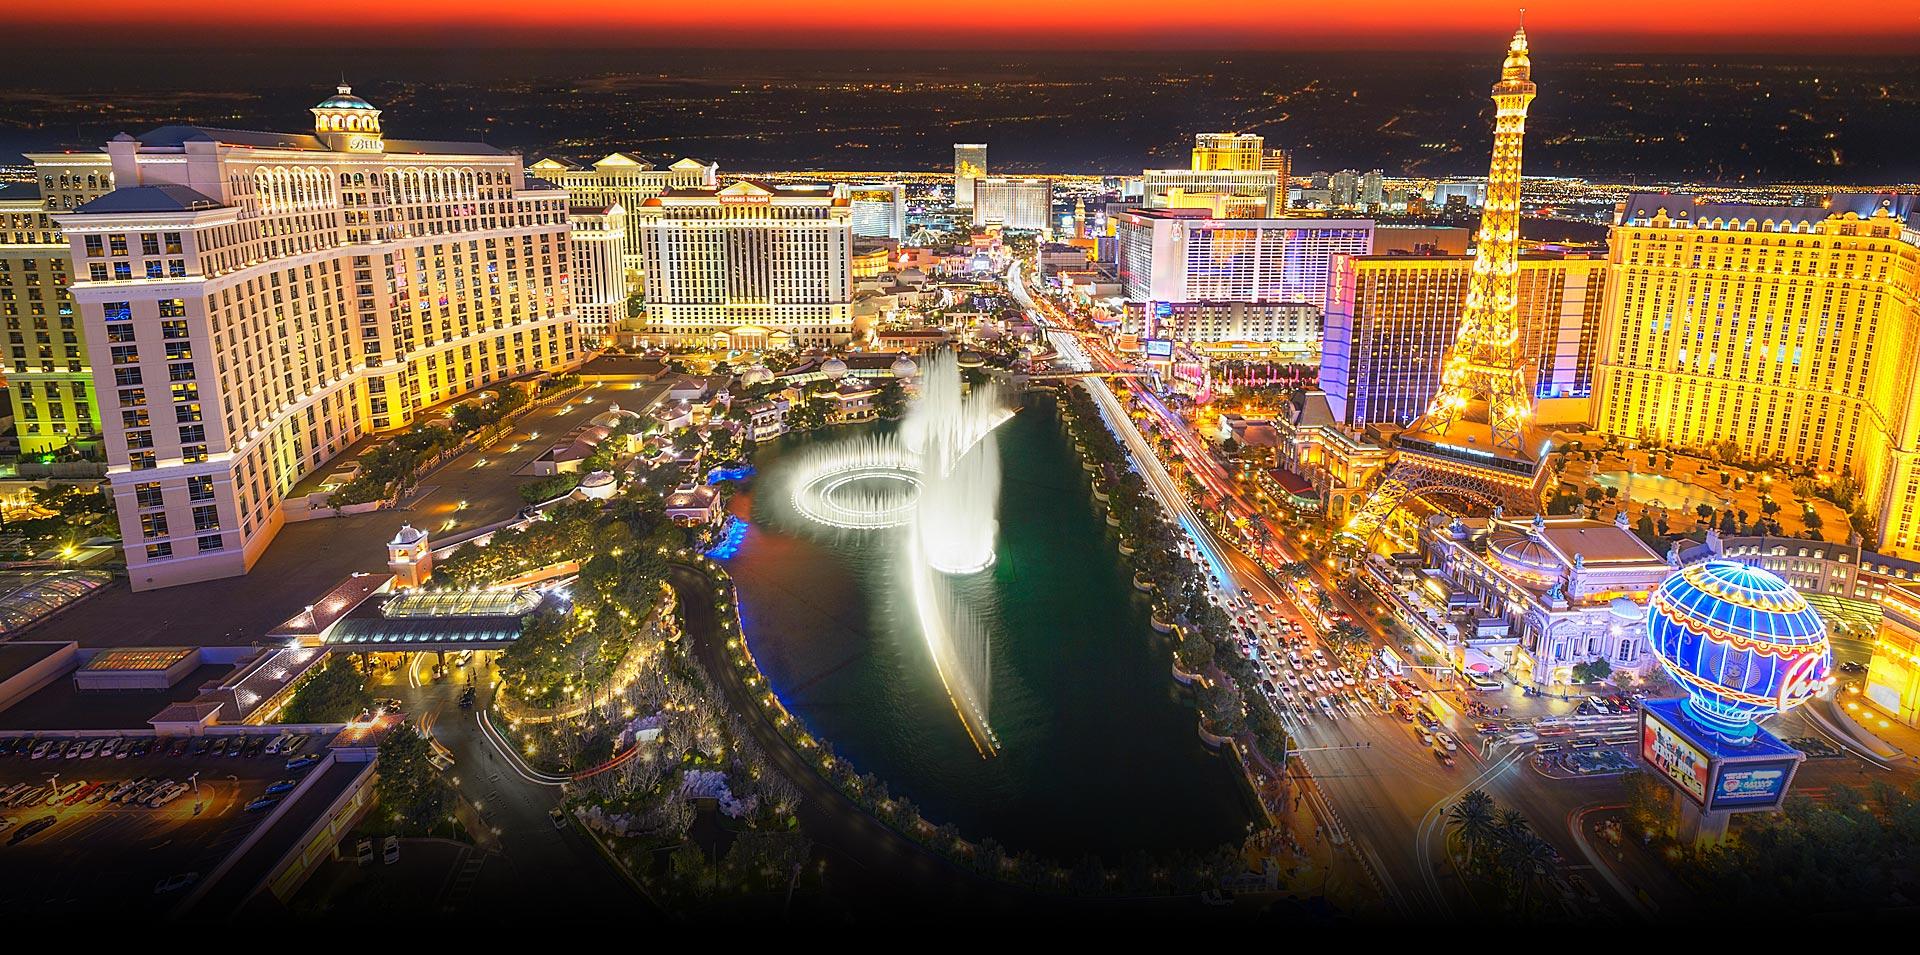 Vegas, NV